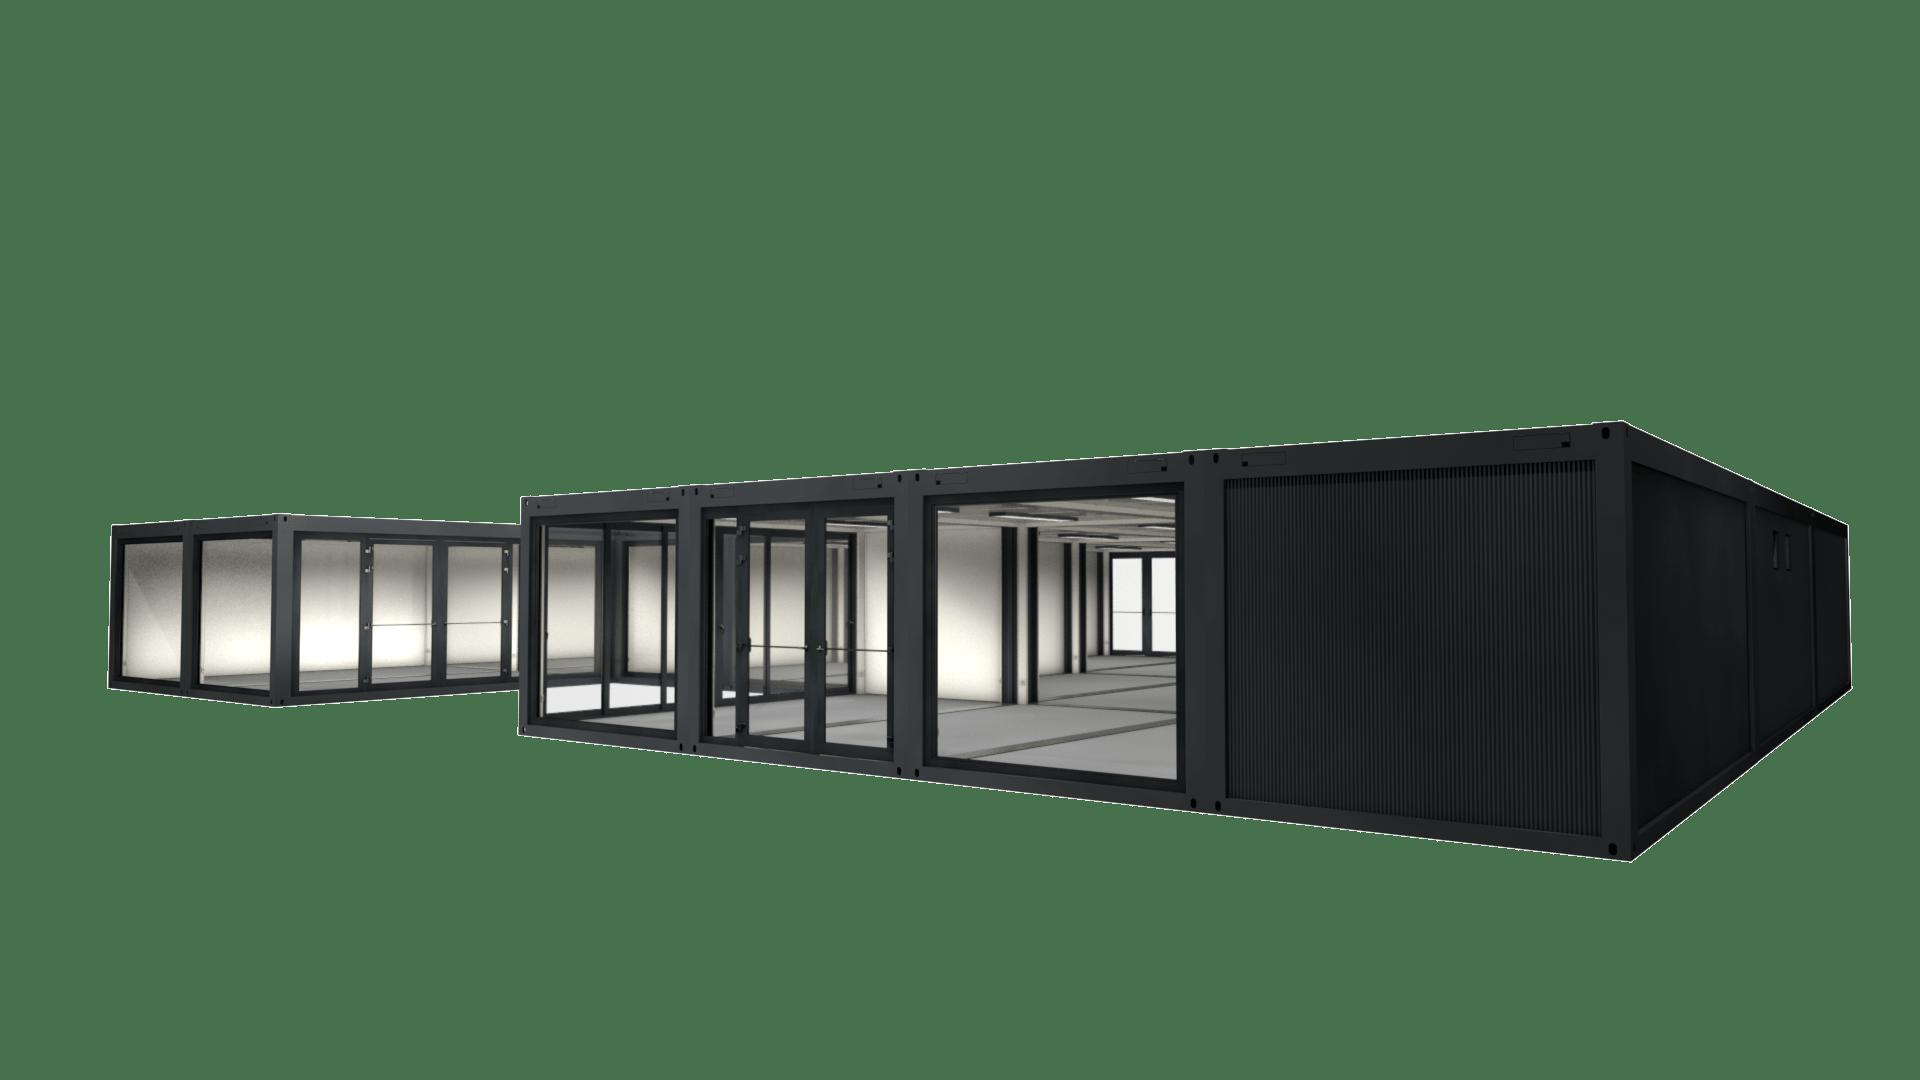 Container Modul M 35 ist eine großer Modulbau aus 22 Containern